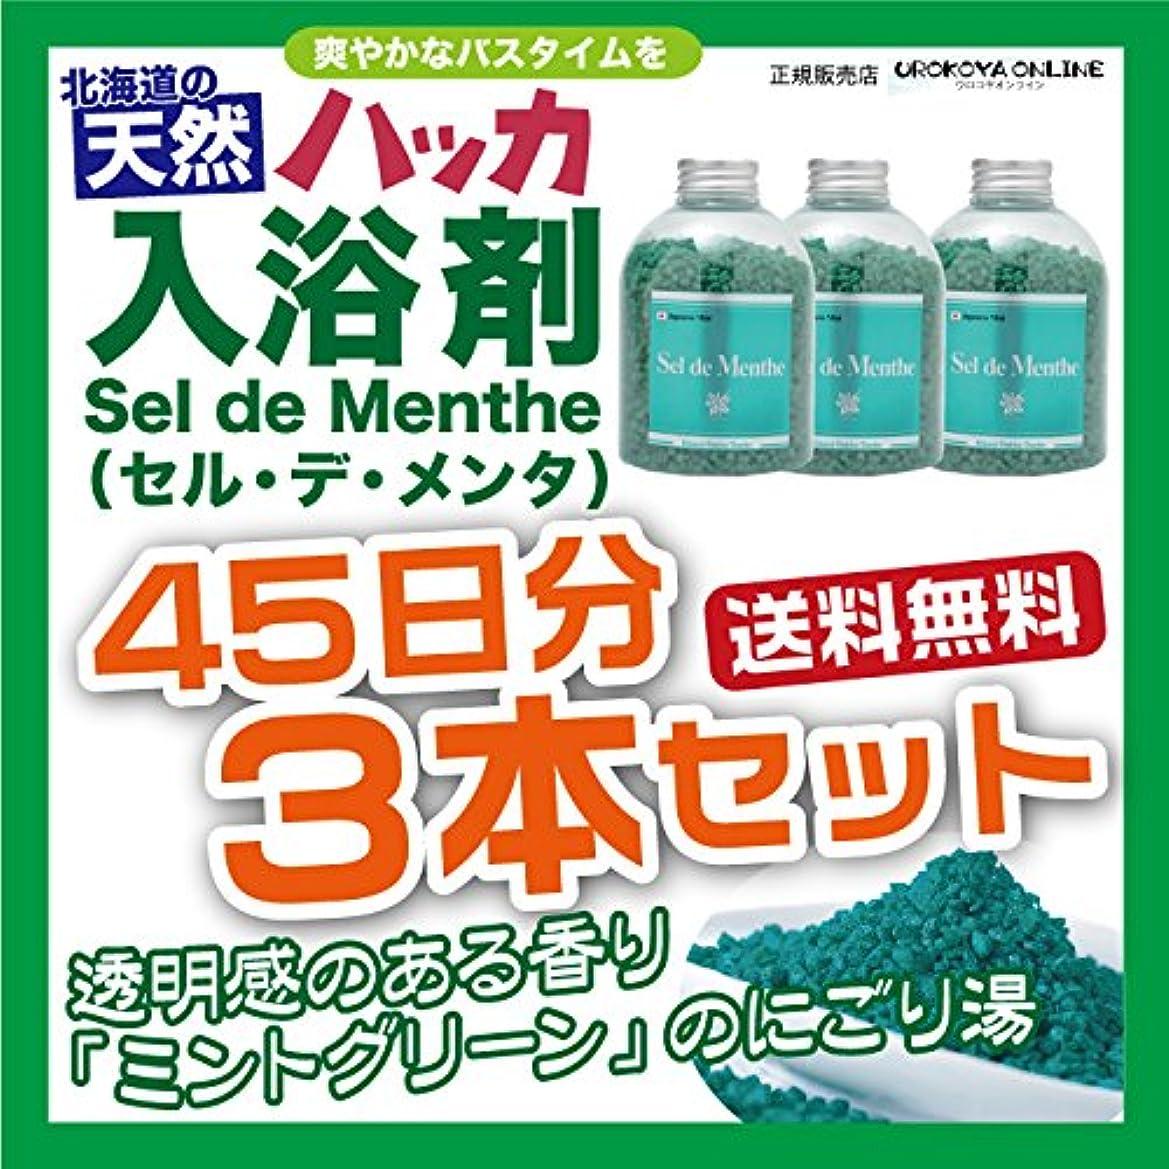 法的スロット煩わしい【3本セット】北見ハッカ通商 入浴剤Sel de Menthe(セル?デ?メンタ)徳用ボトル 3本セット 1350g